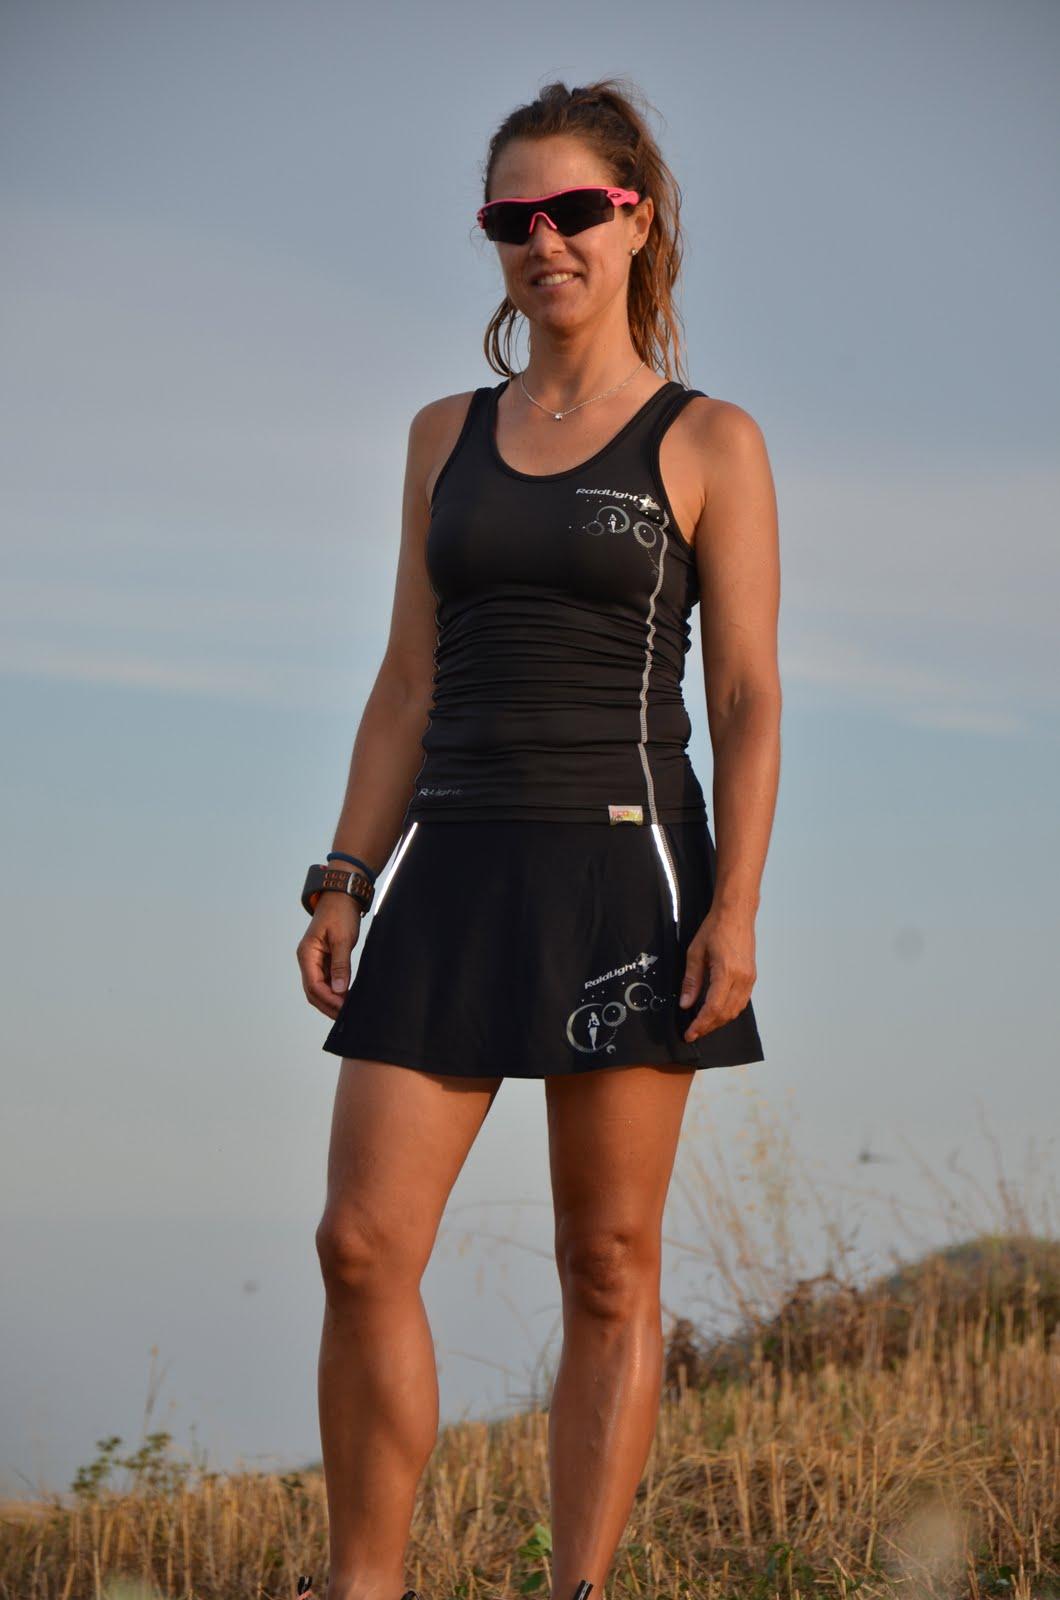 LA MODA LLEGA AL RUNNING  Sportvicious